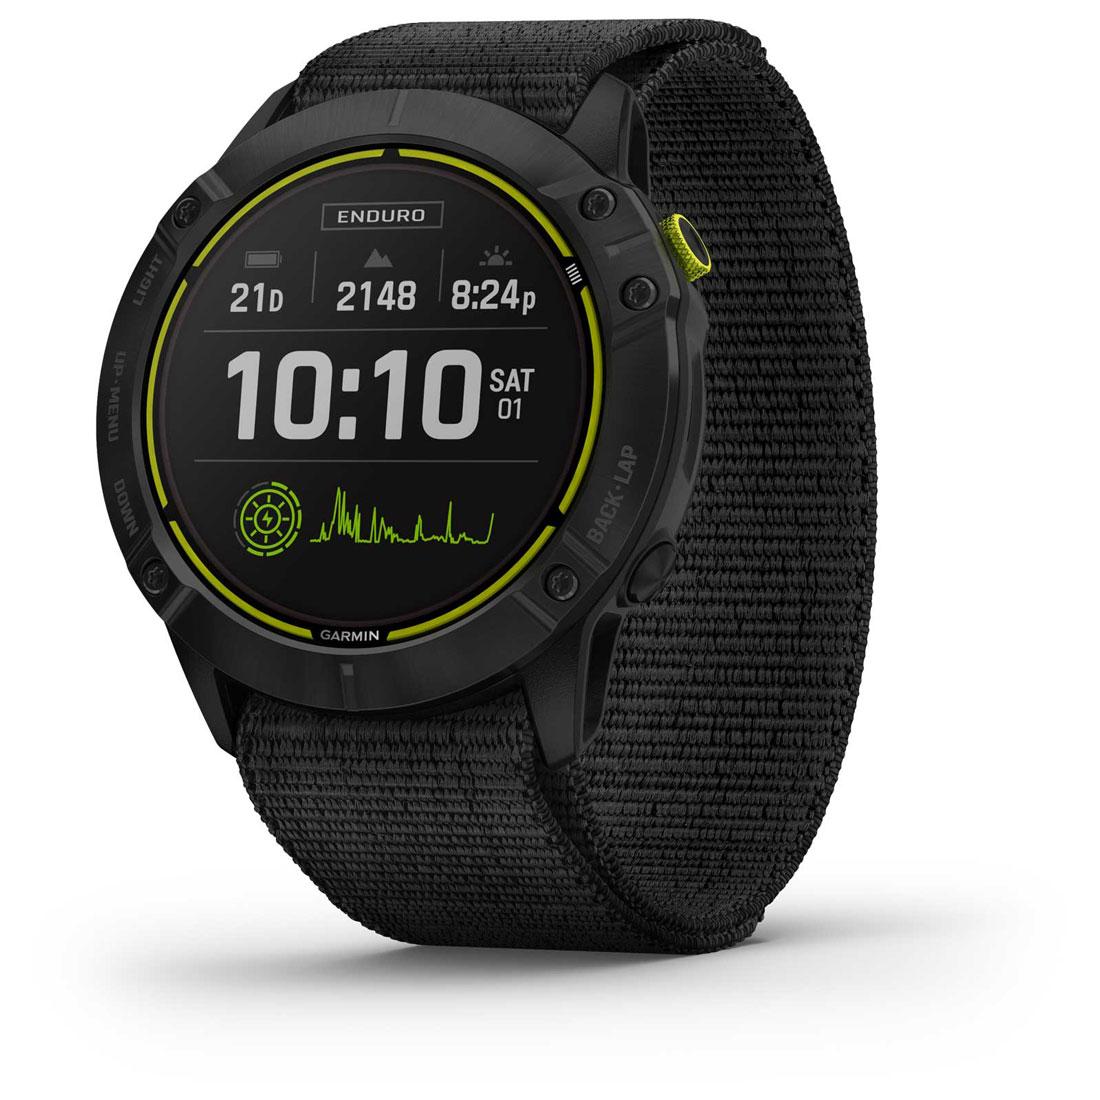 Montre outdoor GPS Garmin Enduro.